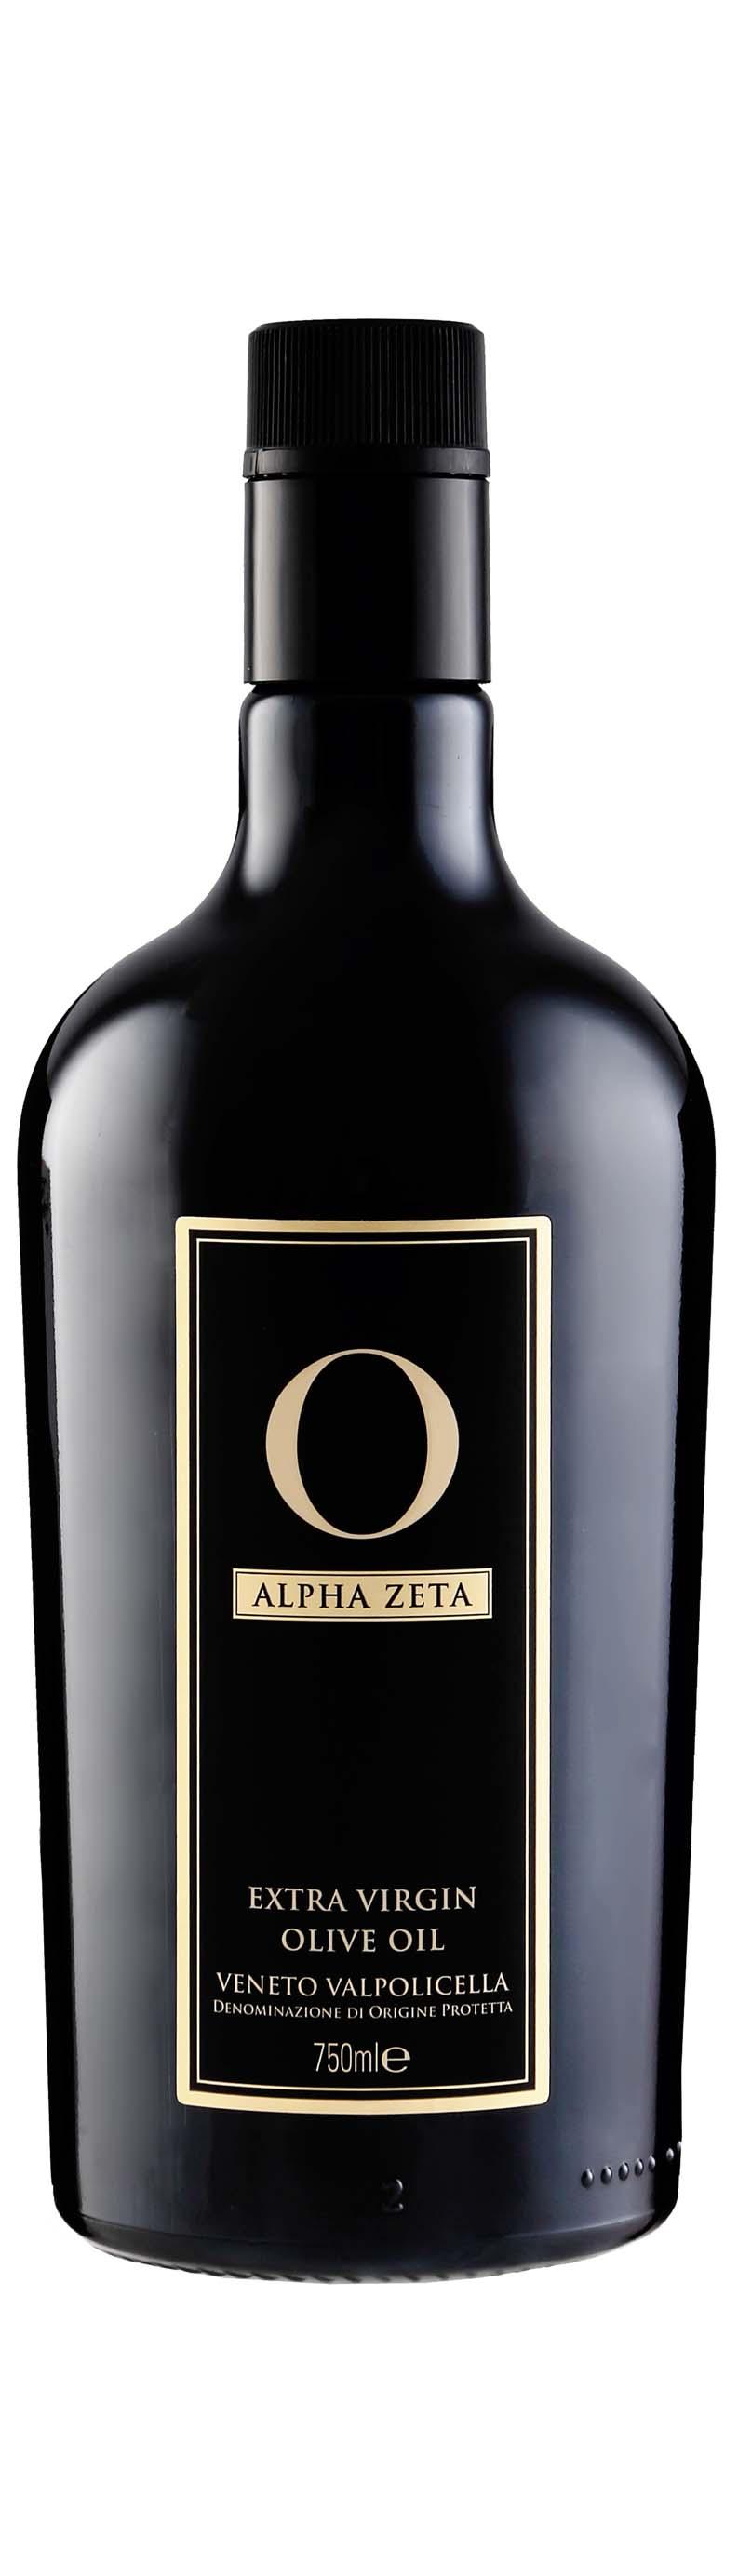 Alpha Zeta, Extra Virgin Olive Oil DOP Veneto Valpolicella 2017